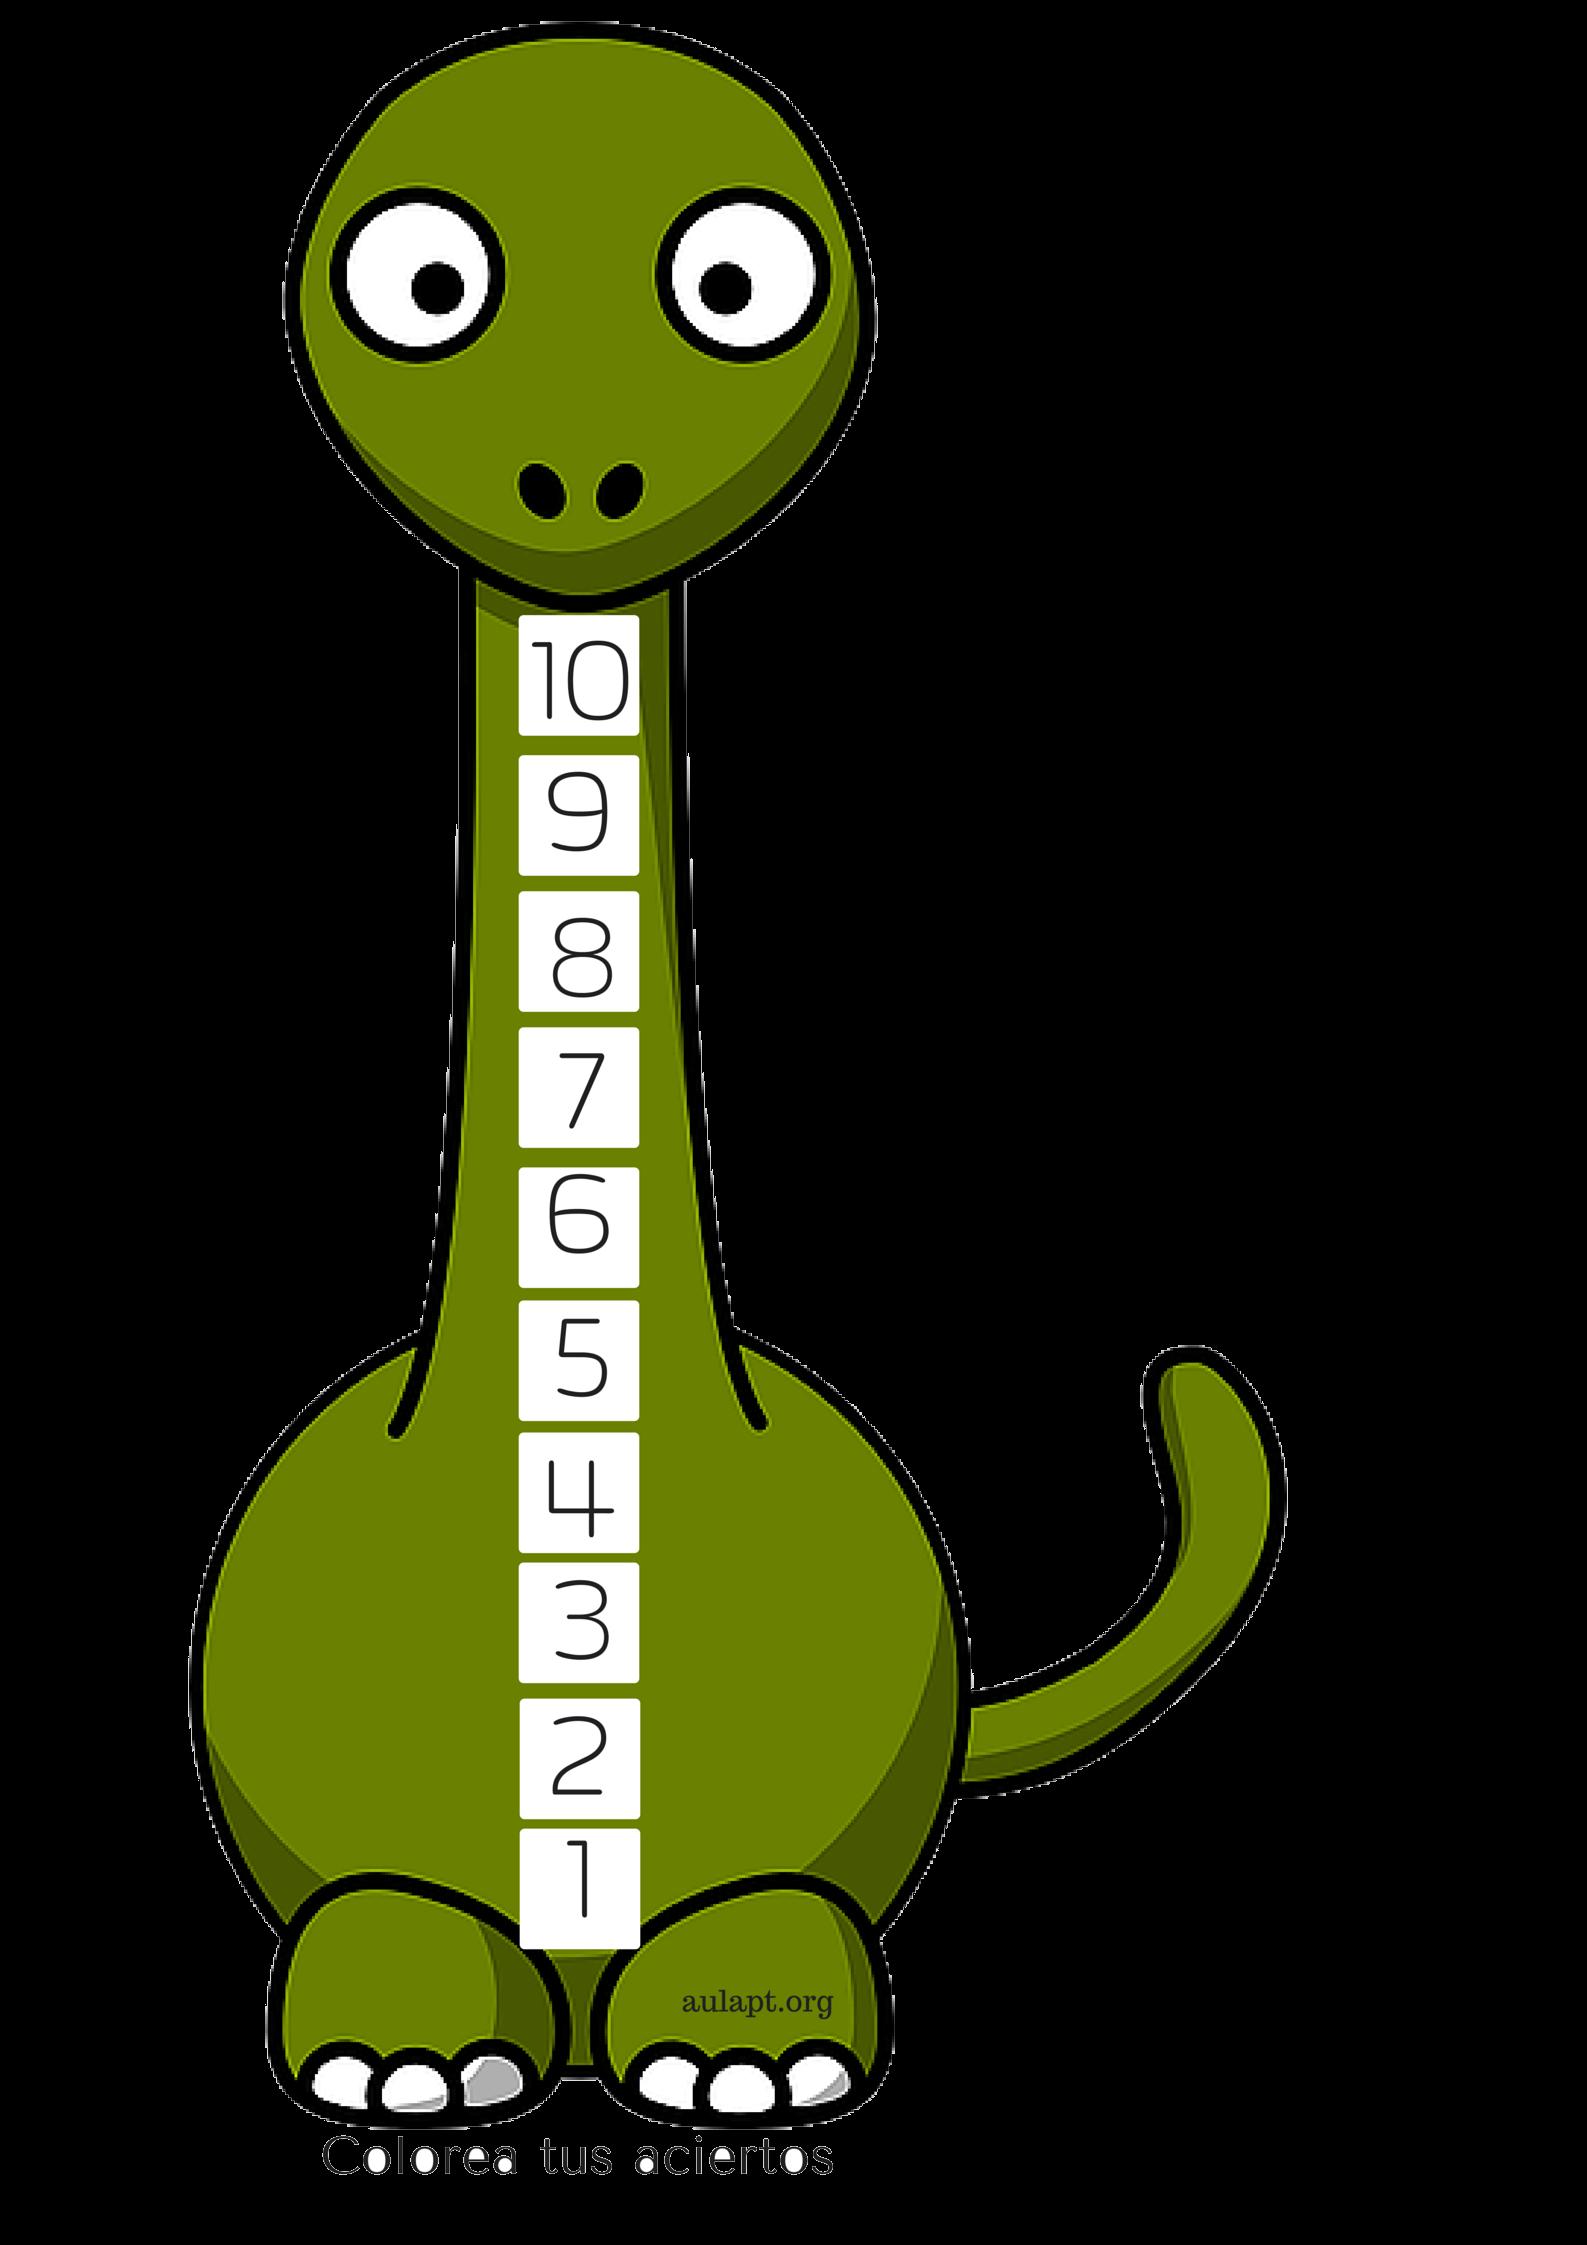 autoevaluacion dinosaurio